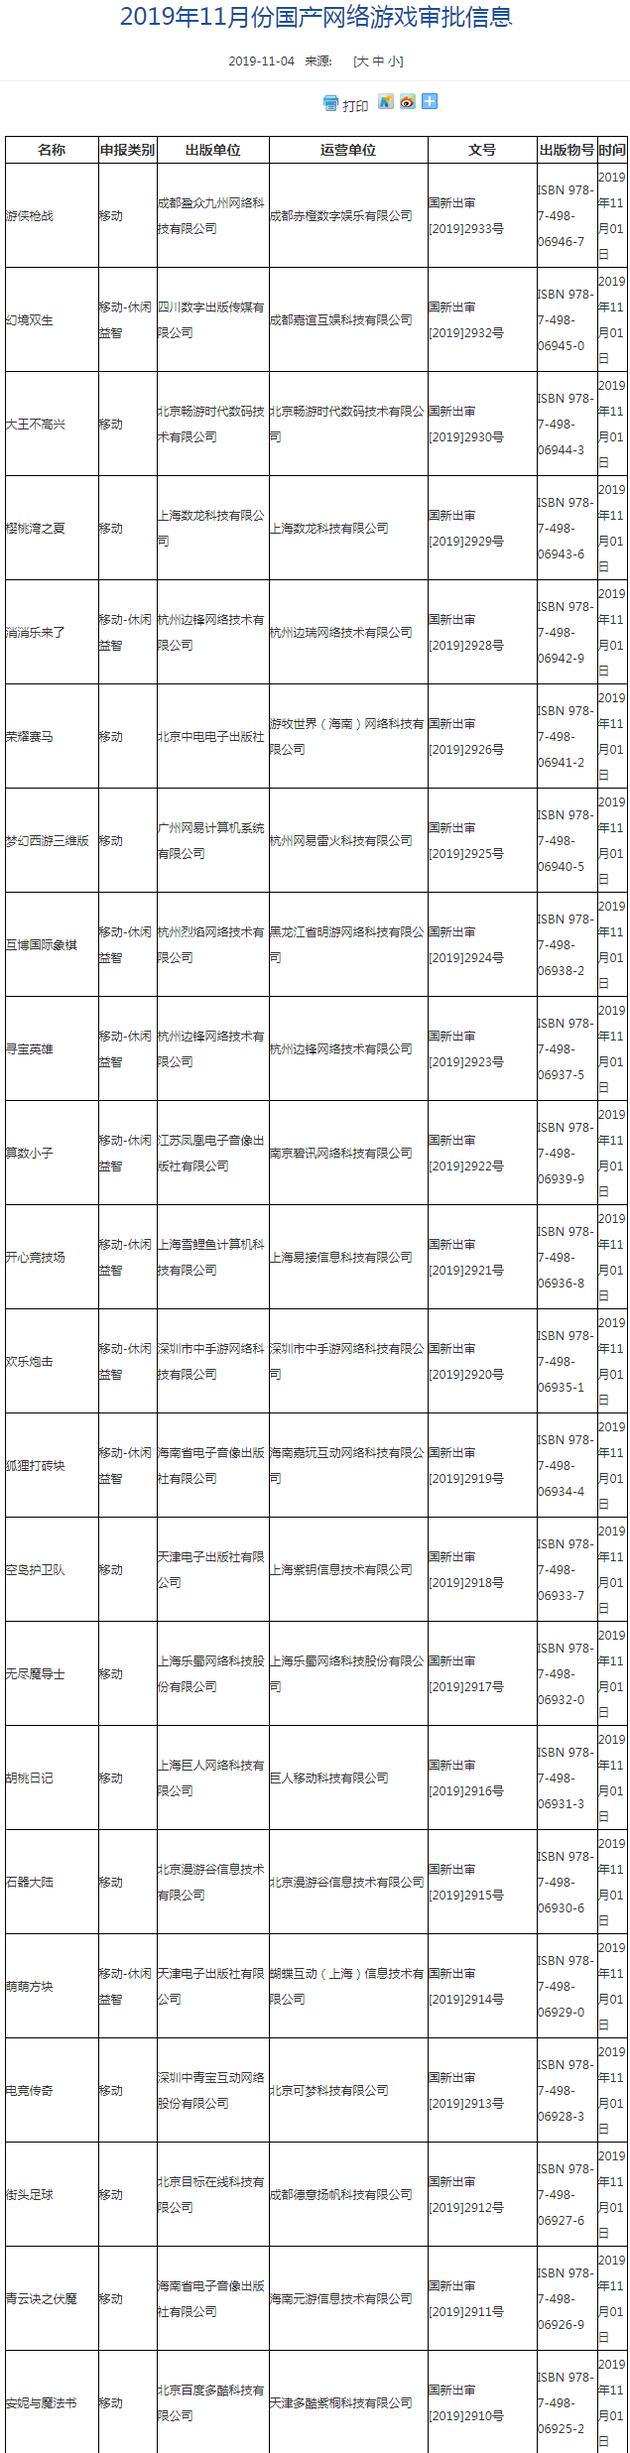 高尔夫娱乐开户-洋河董事长王耀:未来更将是国潮澎湃的更好时代